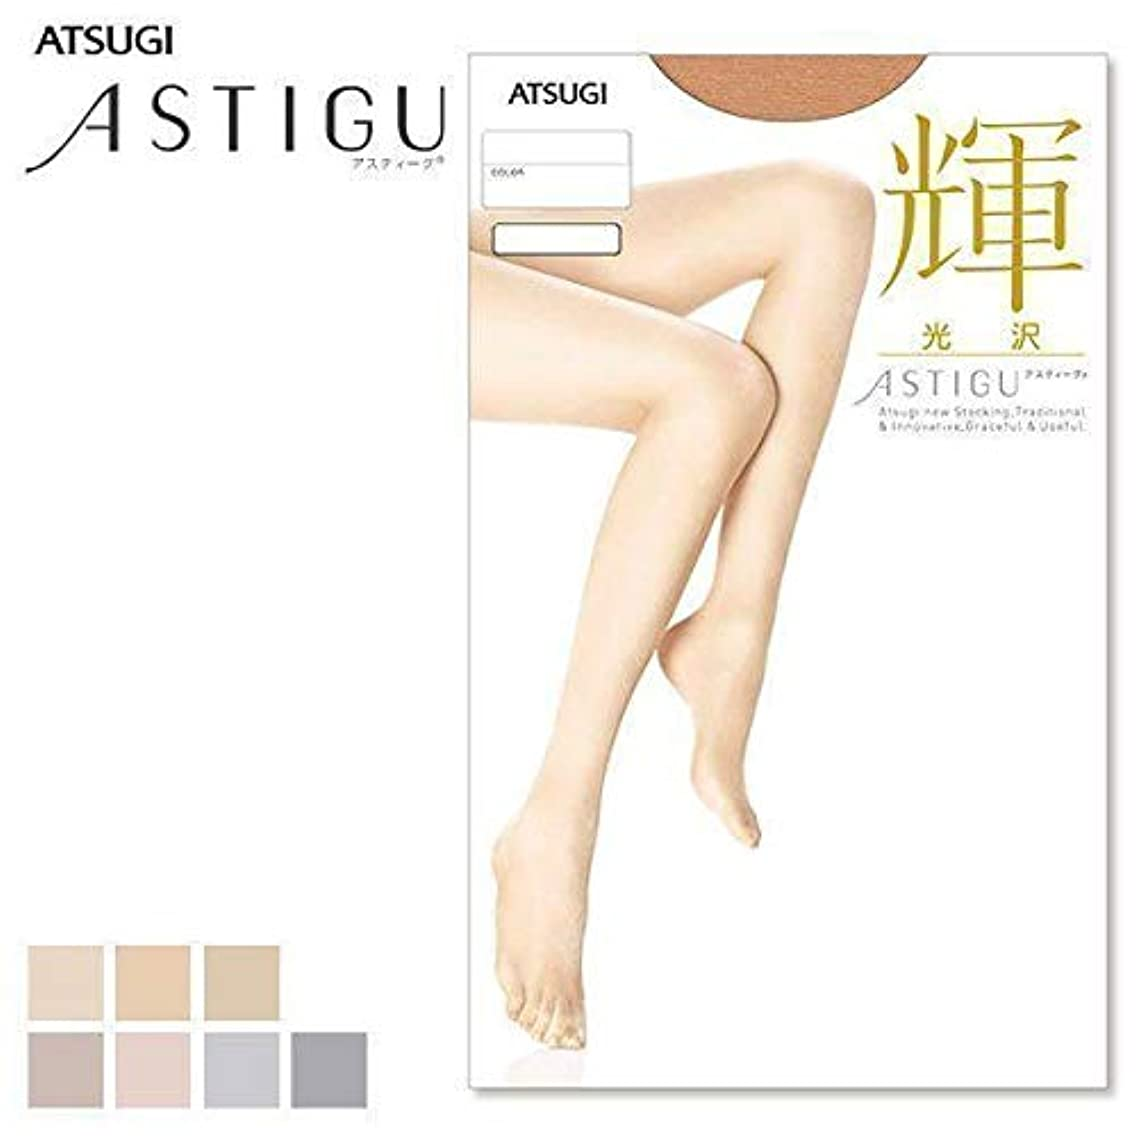 無線セレナストレスの多いアツギ ASTIGU(アスティーグ)輝(ヌーディベージュ)サイズ M~L